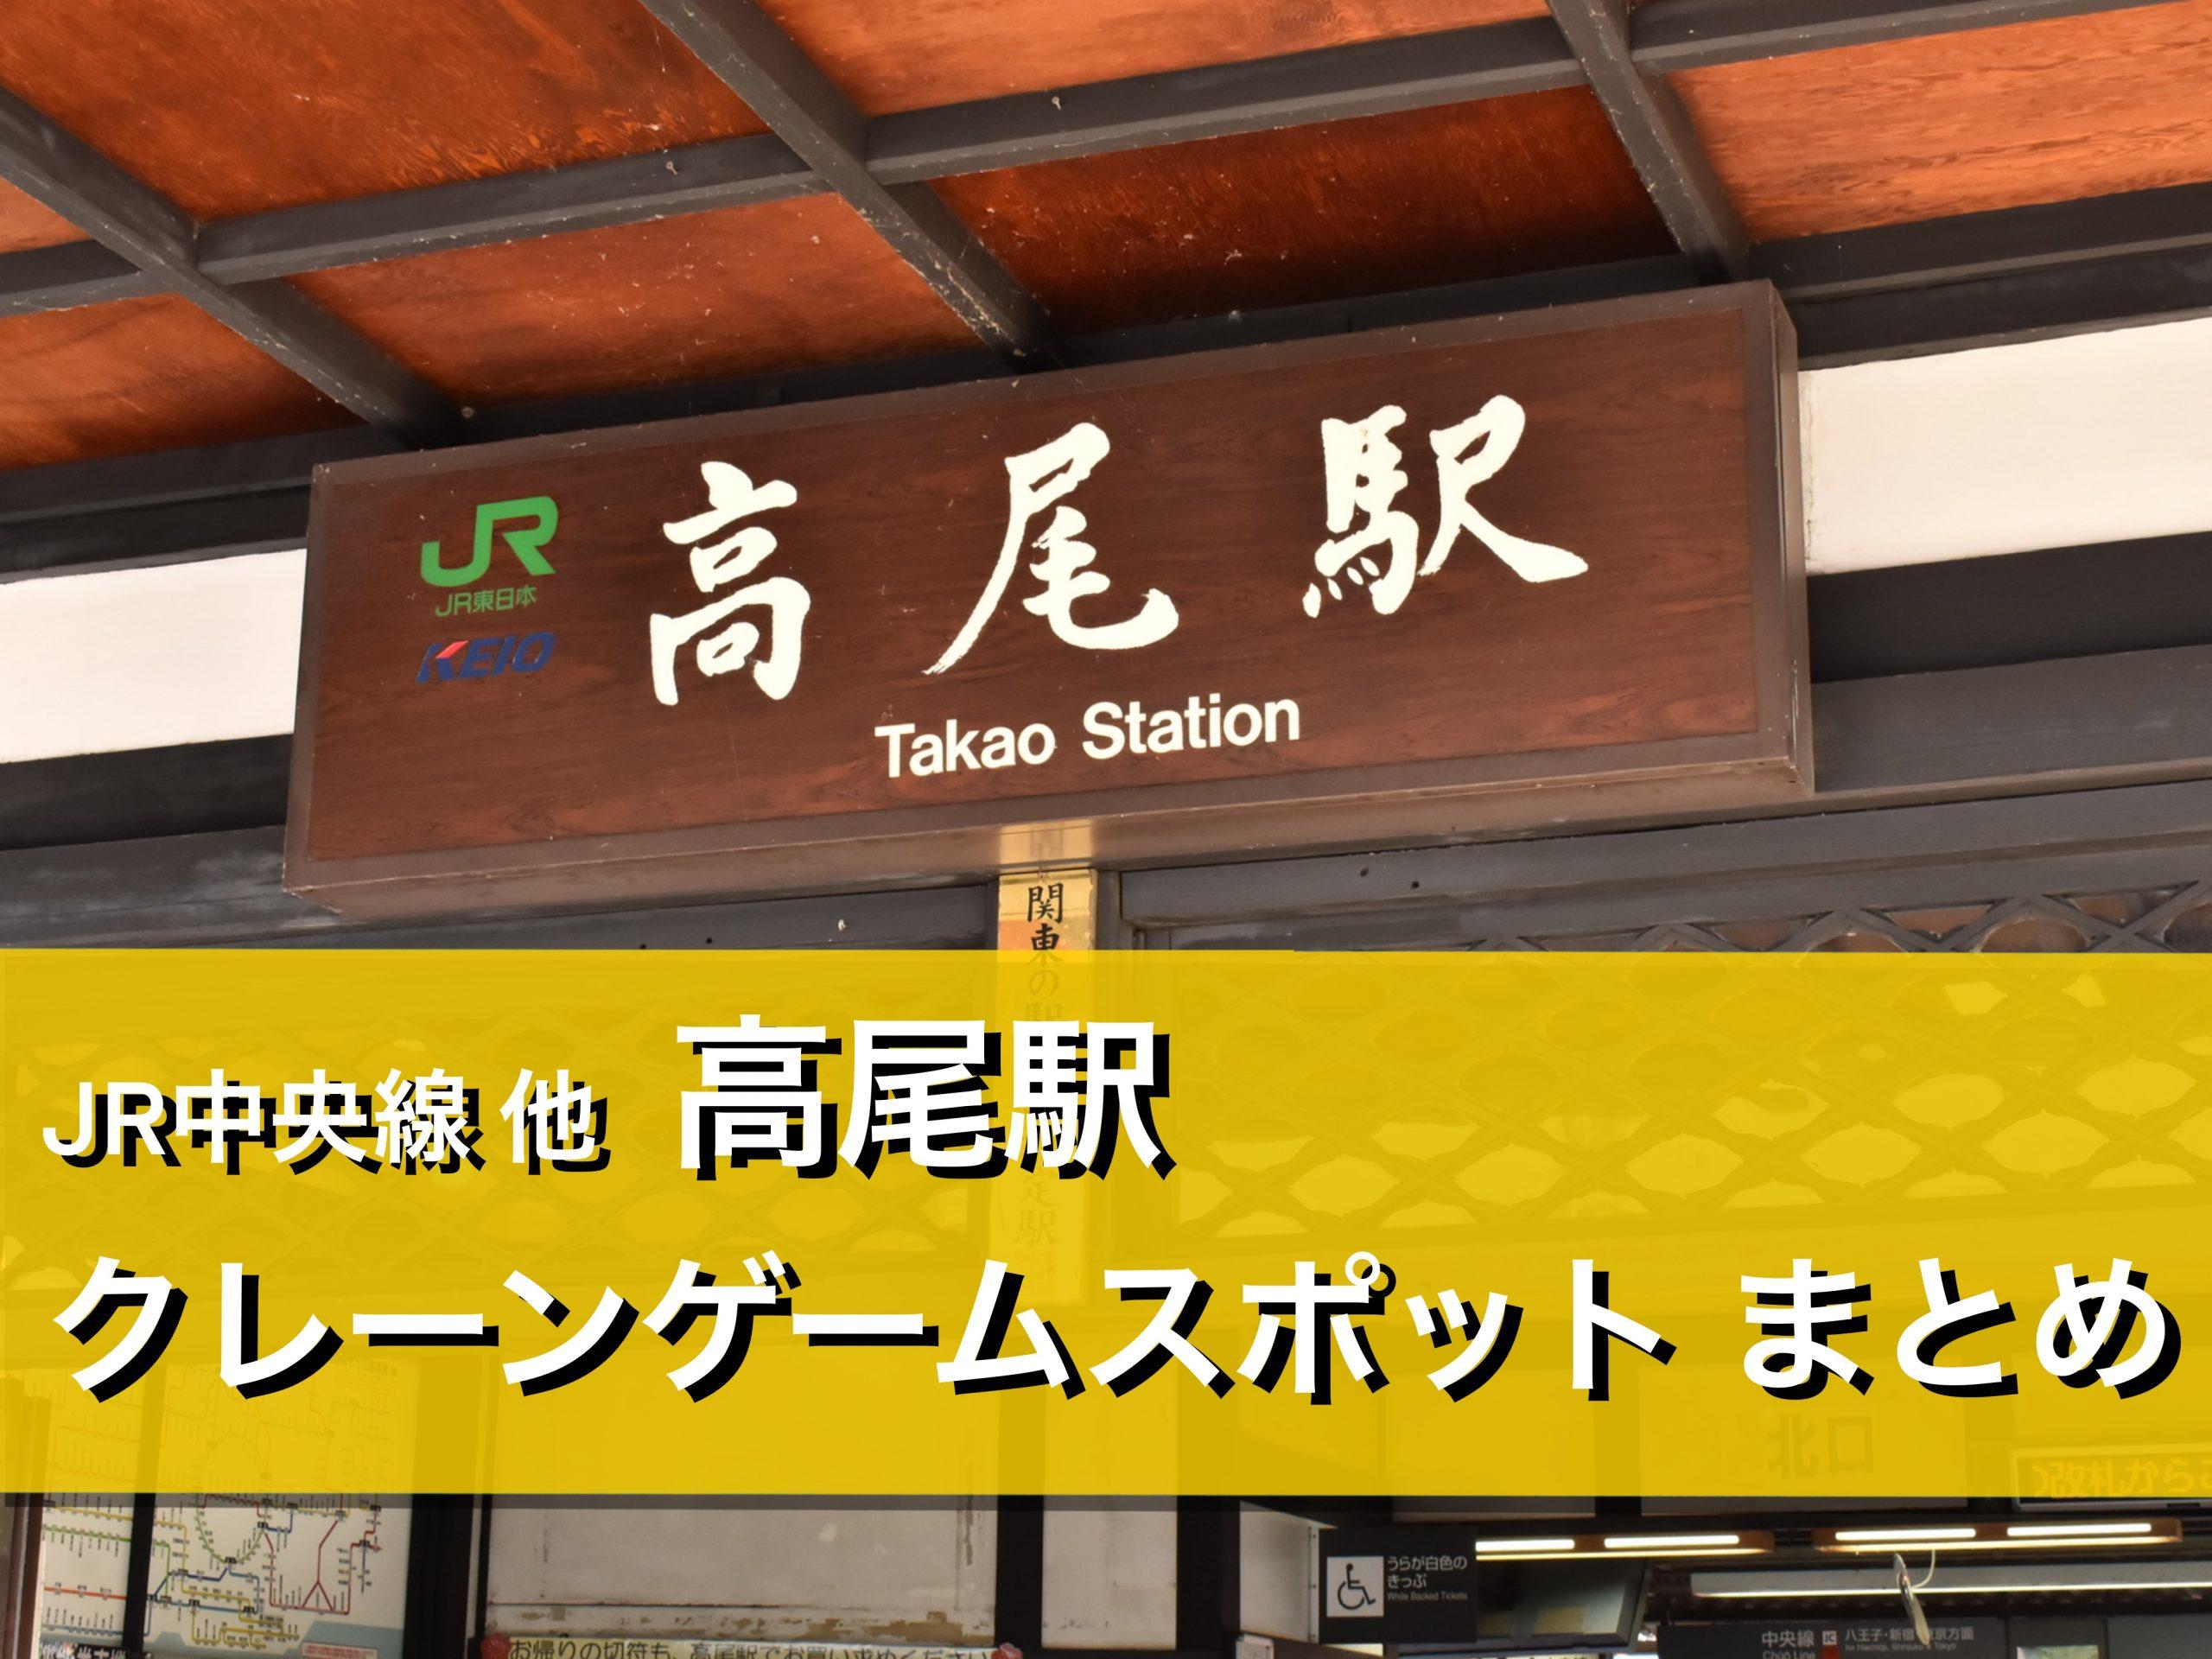 【高尾駅】クレーンゲームができる場所